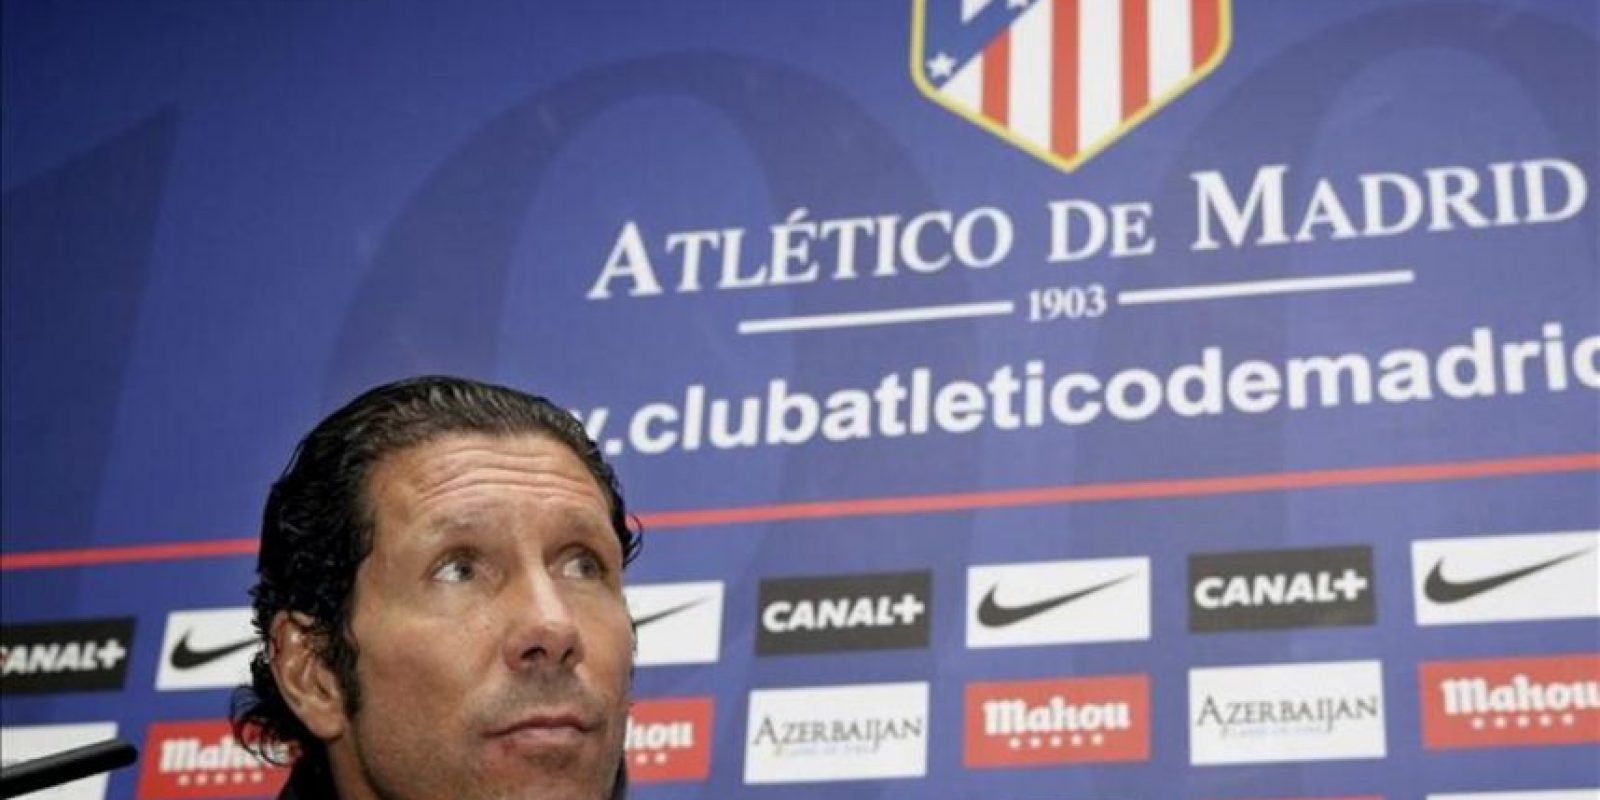 El entrenador del Atlético Madrid, Diego Pablo Simeone, durante la rueda de prensa que ha ofrecido al término del entrenamiento del equipo de cara al partido que disputará mañana frente al Rayo Vallecano correspondiente a la segunda jornada de Liga de Primera División. EFE